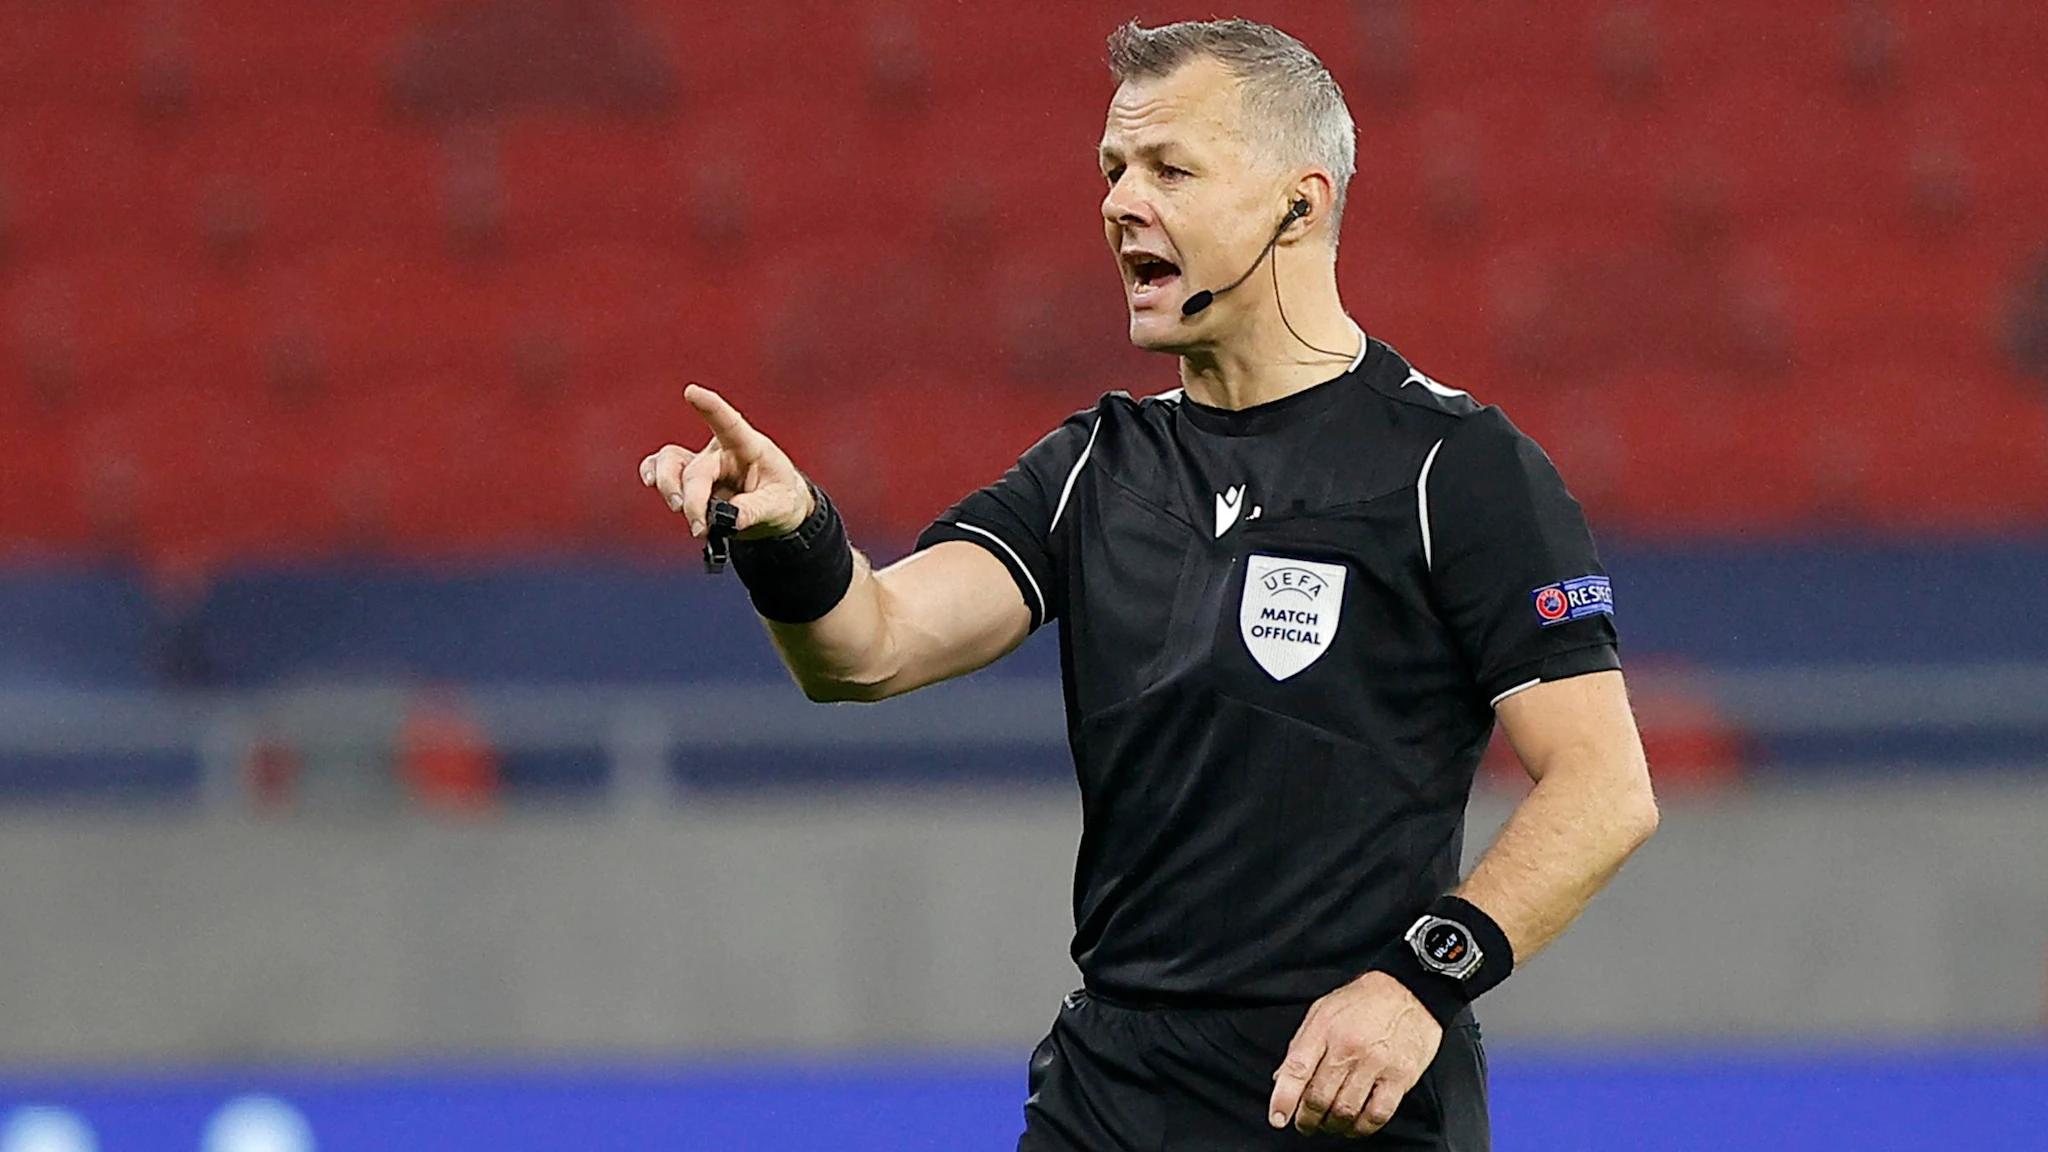 Bjorn Kuipers bắt đầu sự nghiệp làm trọng tài tại Hà Lan từ năm 2005